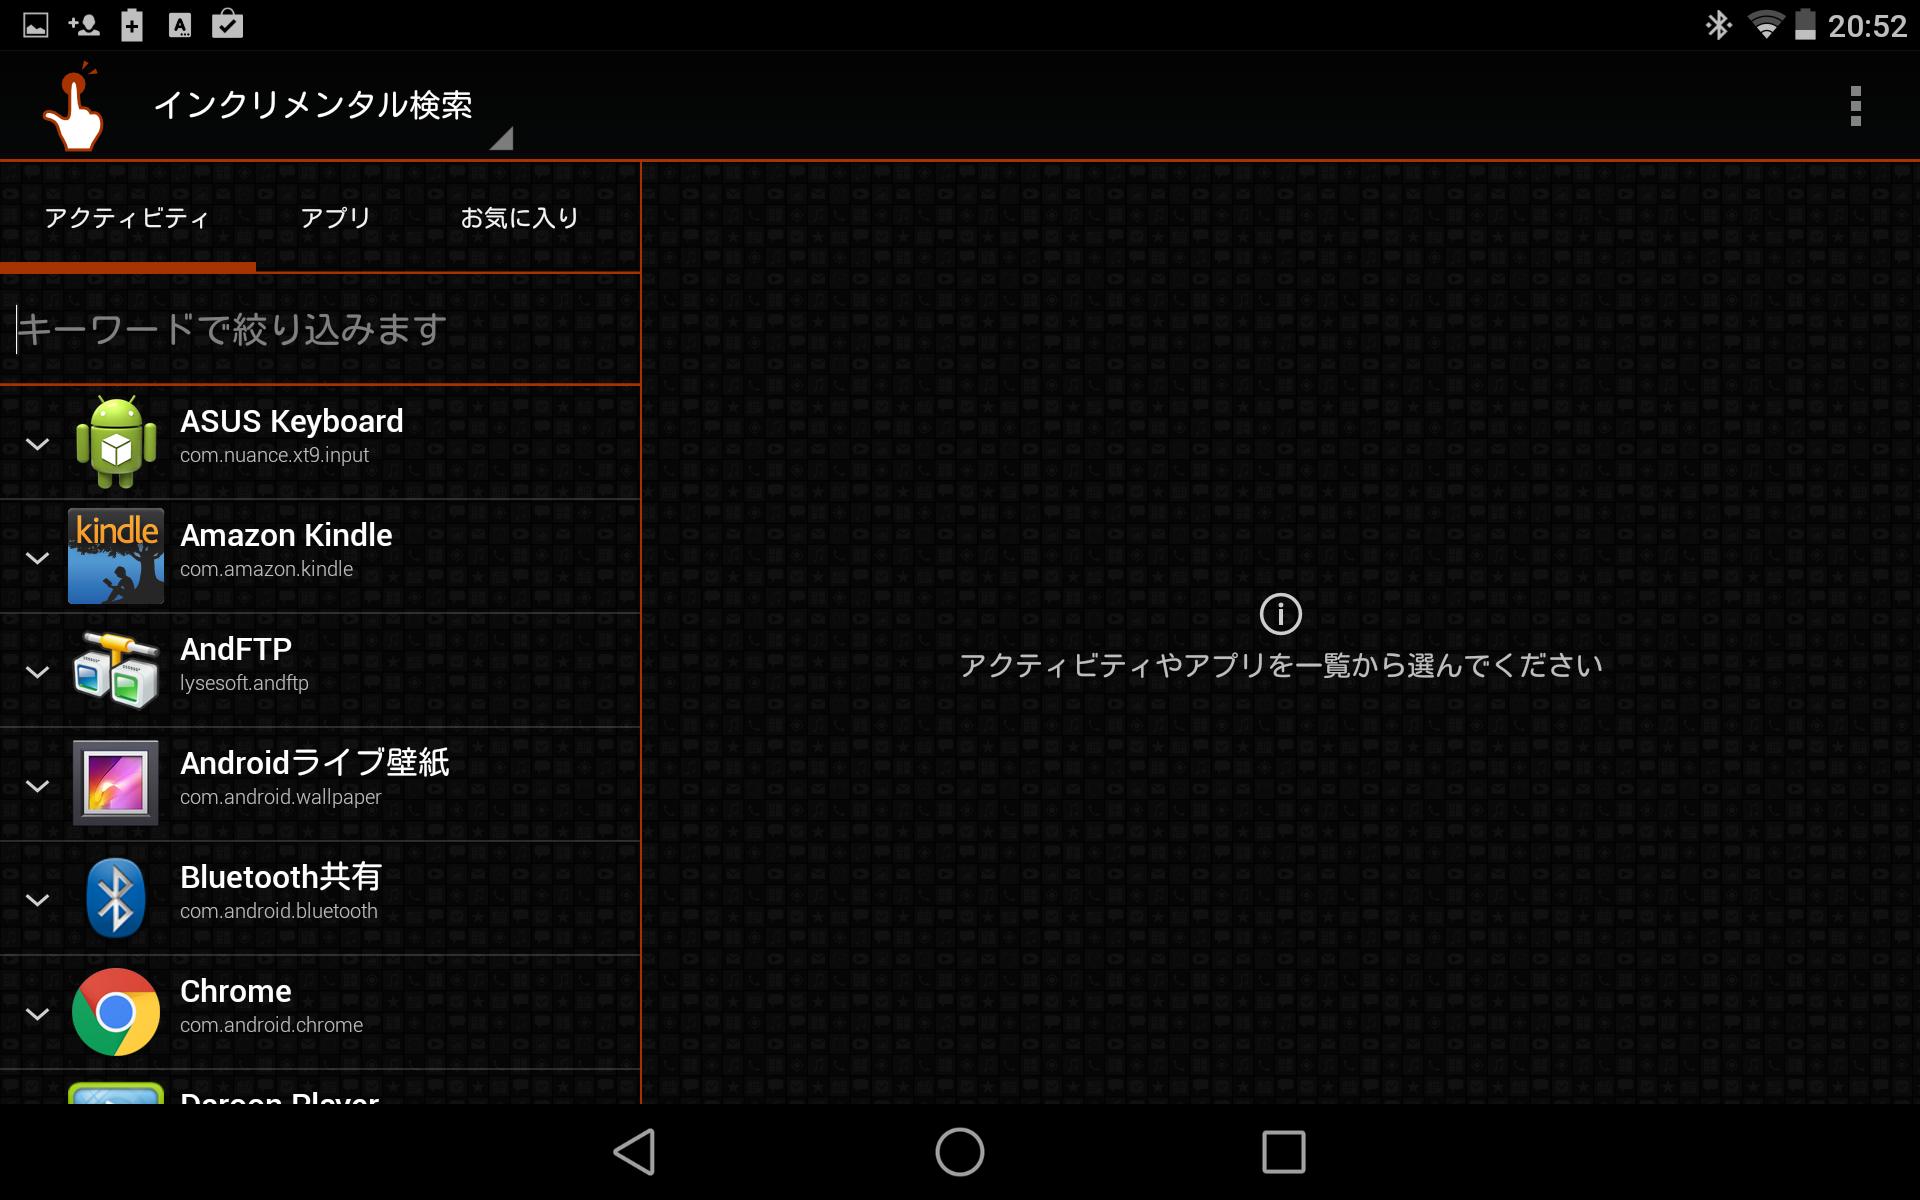 まだ記事作成中 Nexus7 13 を キーボードだけで使えるようにしてみる 合同会社りょう